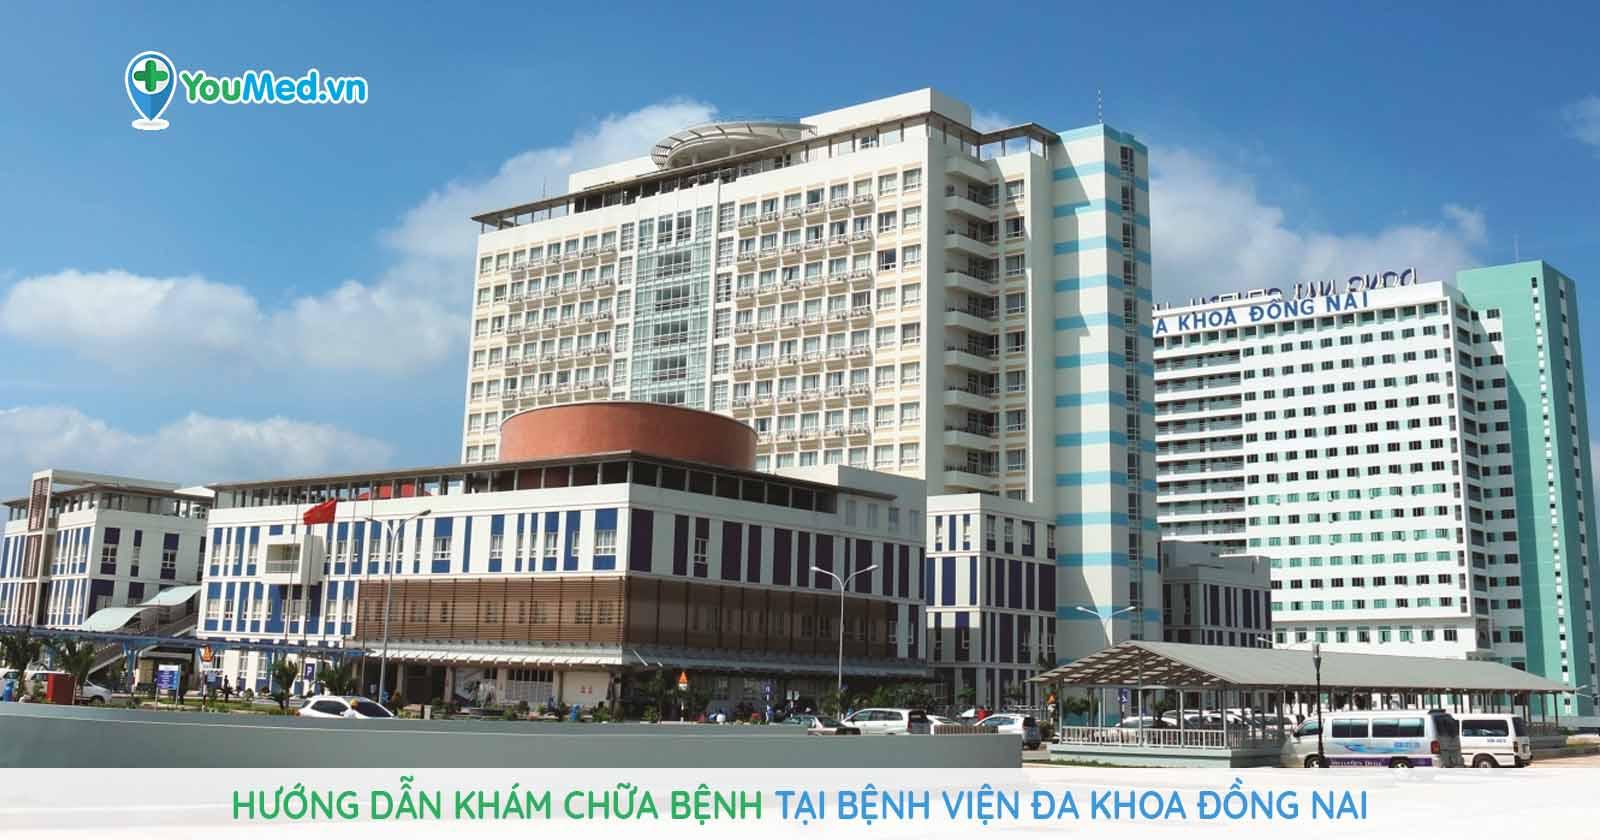 Hướng dẫn khám chữa bệnh tại Bệnh viện Đa khoa Đồng Nai